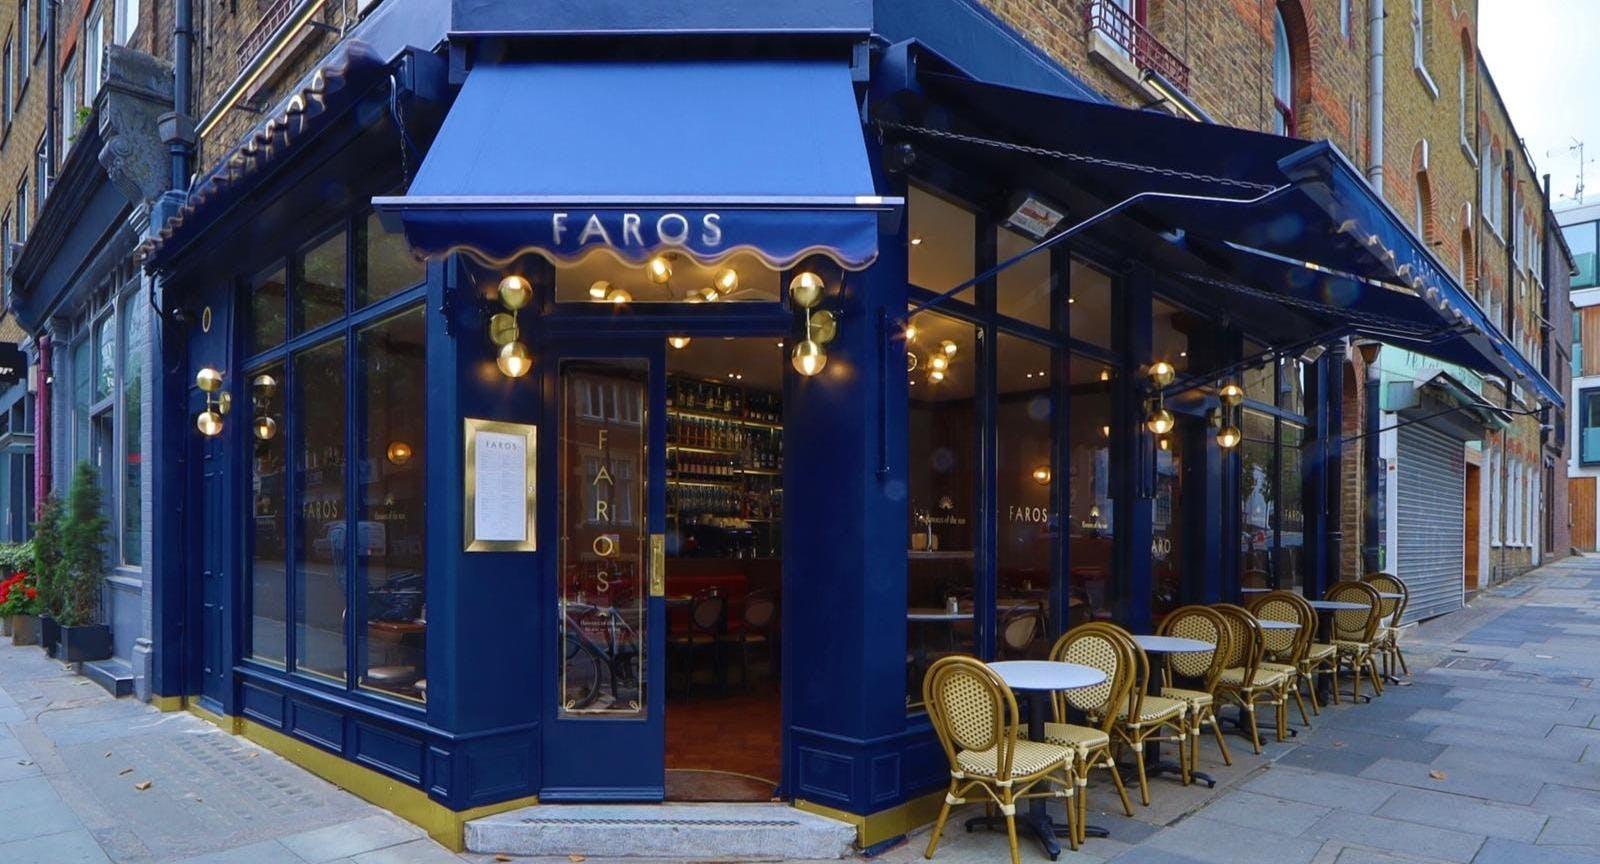 Faros London